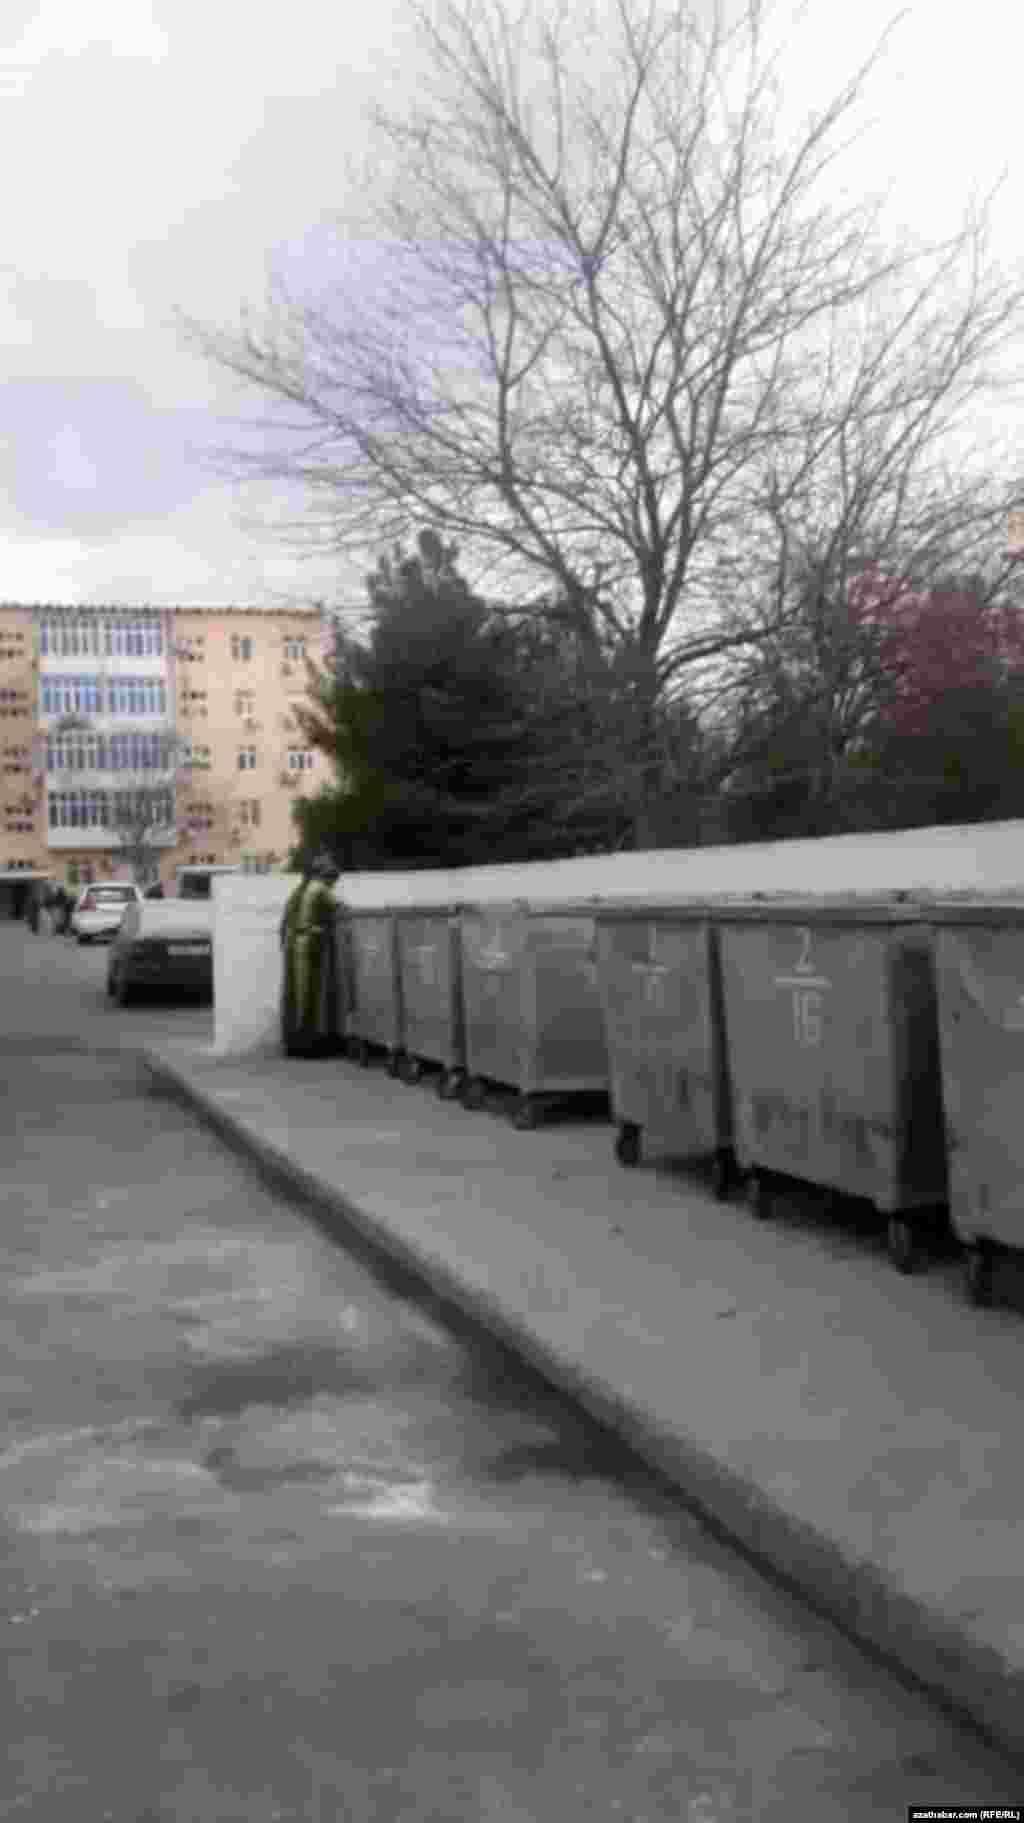 Мусорные контейнеры в столичном микрорайоне, Ашхабад, январь, 2020